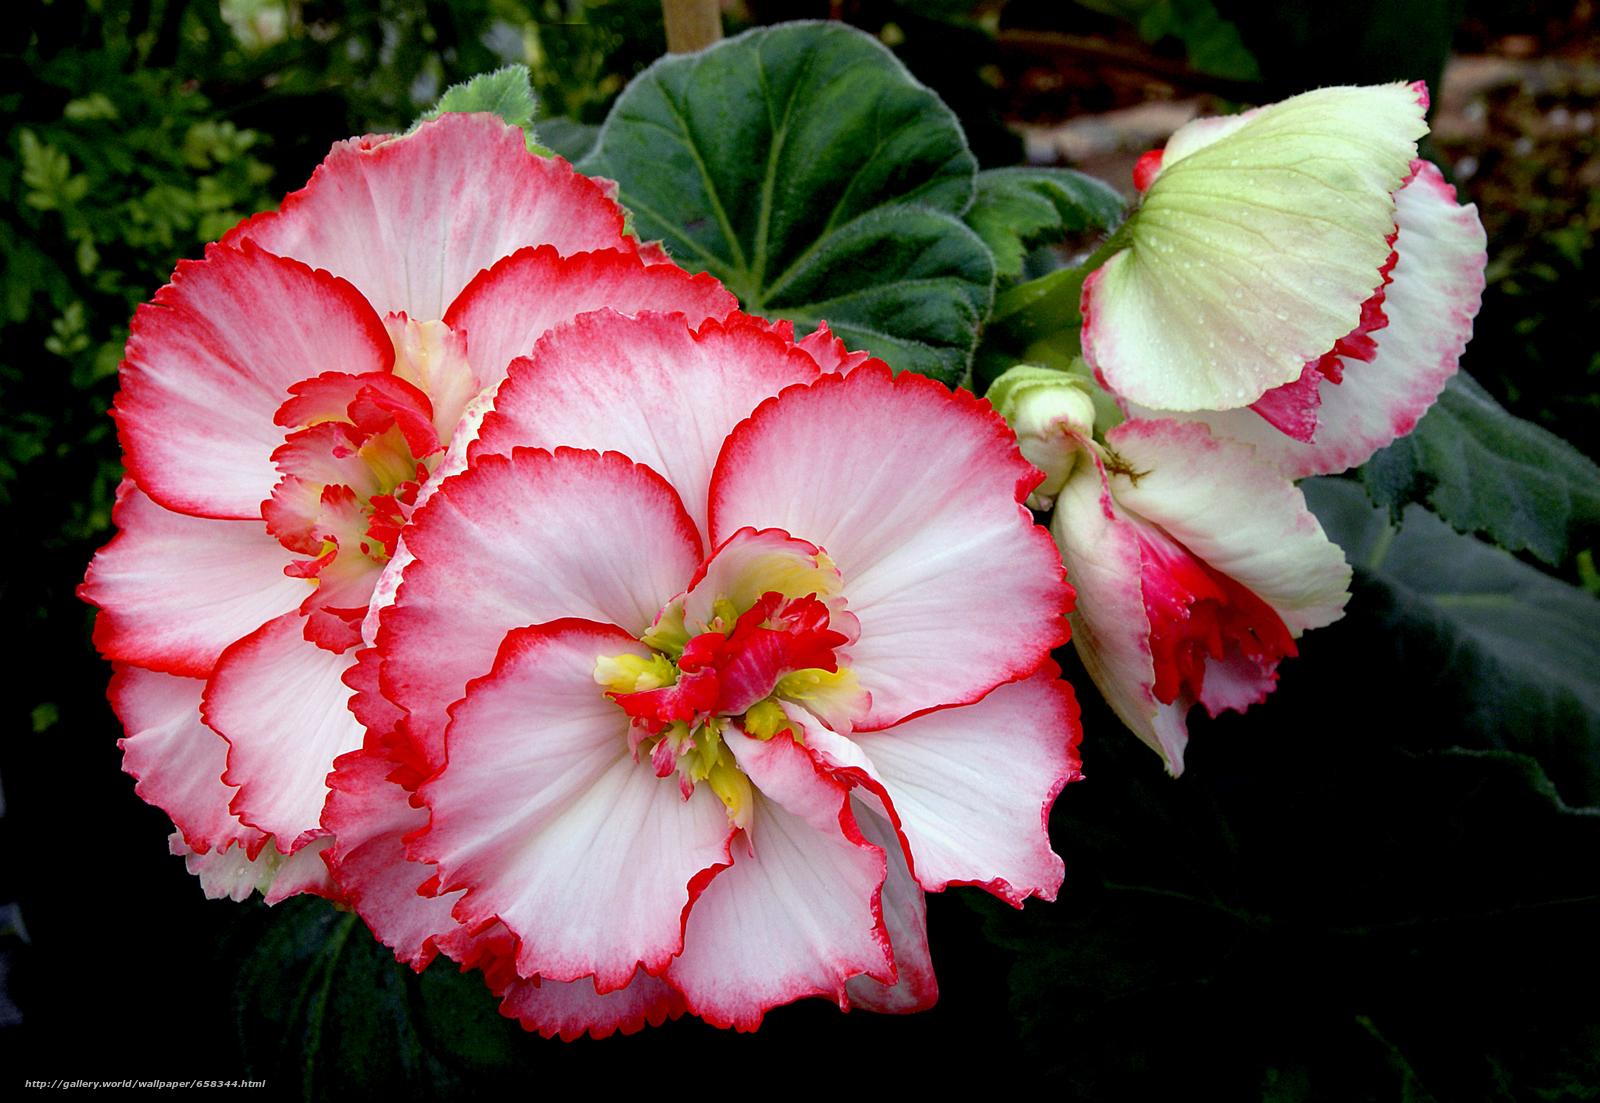 Скачать обои цветок,  цветы,  флора бесплатно для рабочего стола в разрешении 2400x1655 — картинка №658344